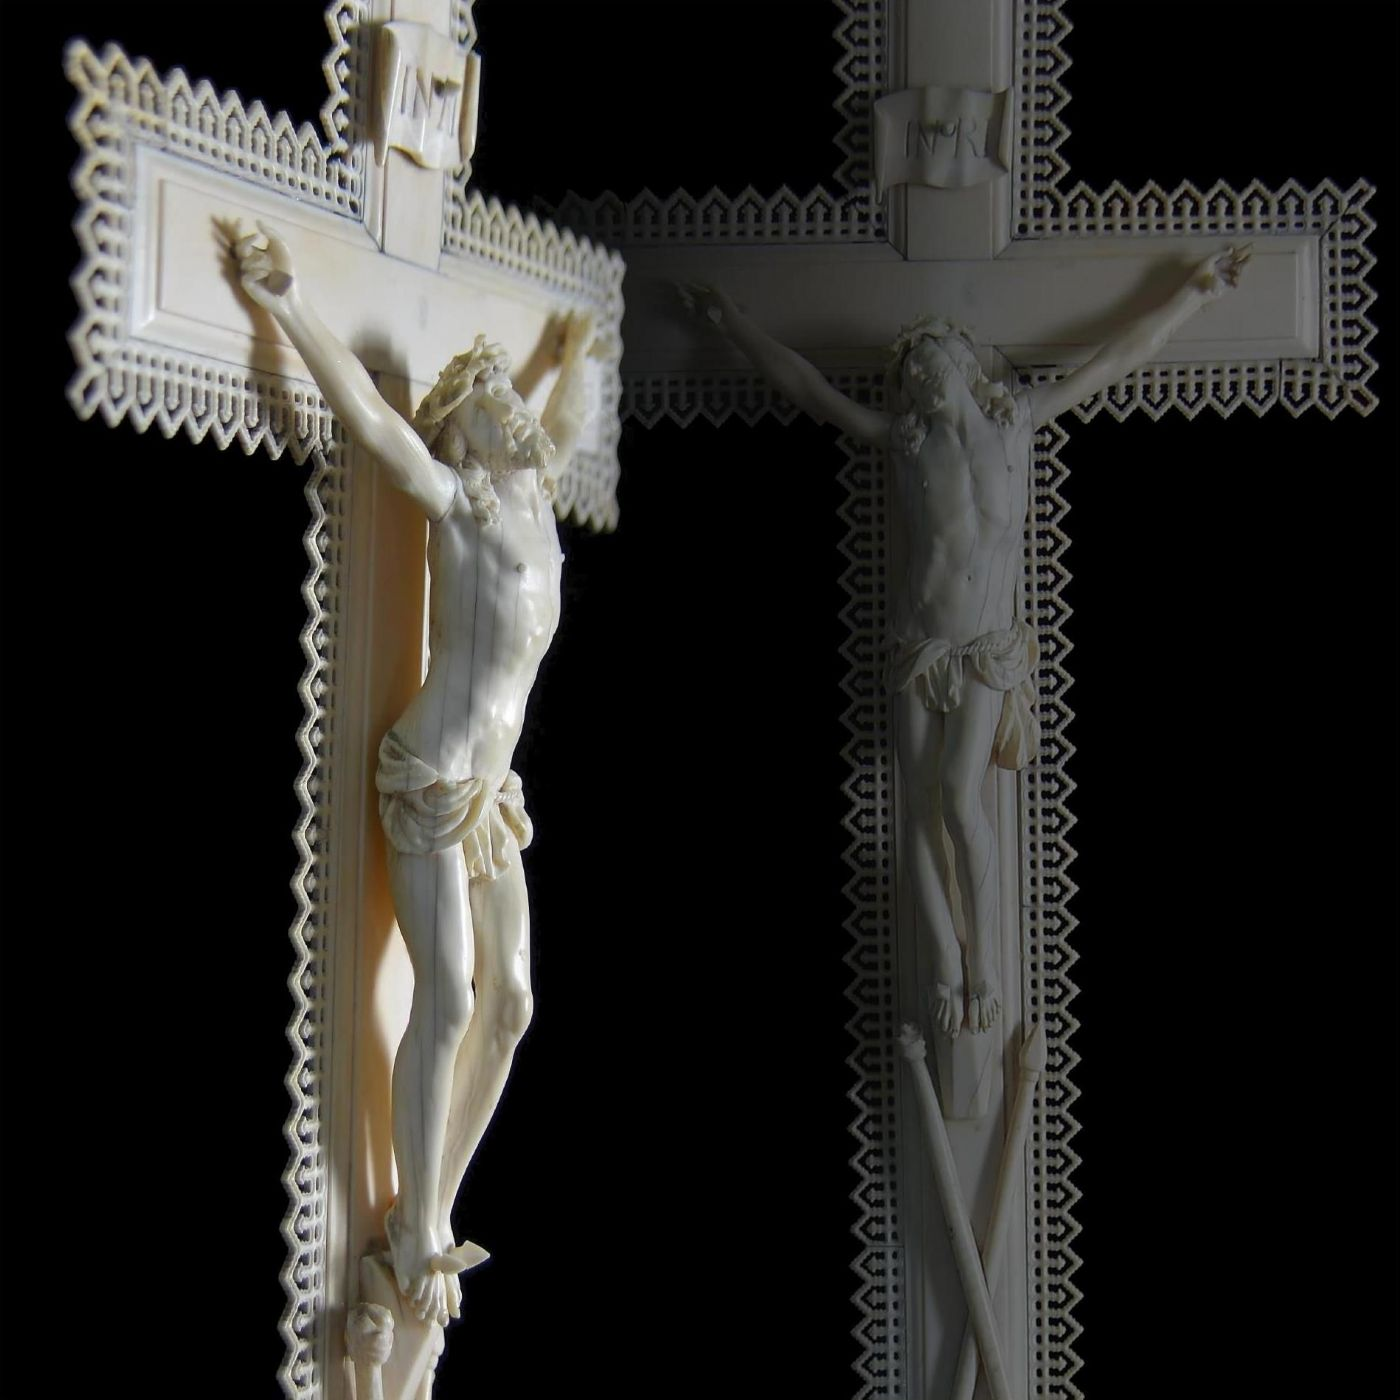 CROCEFISSIONE DEL CRISTO IN AVORIO, TOSCANA XVII SECOLO